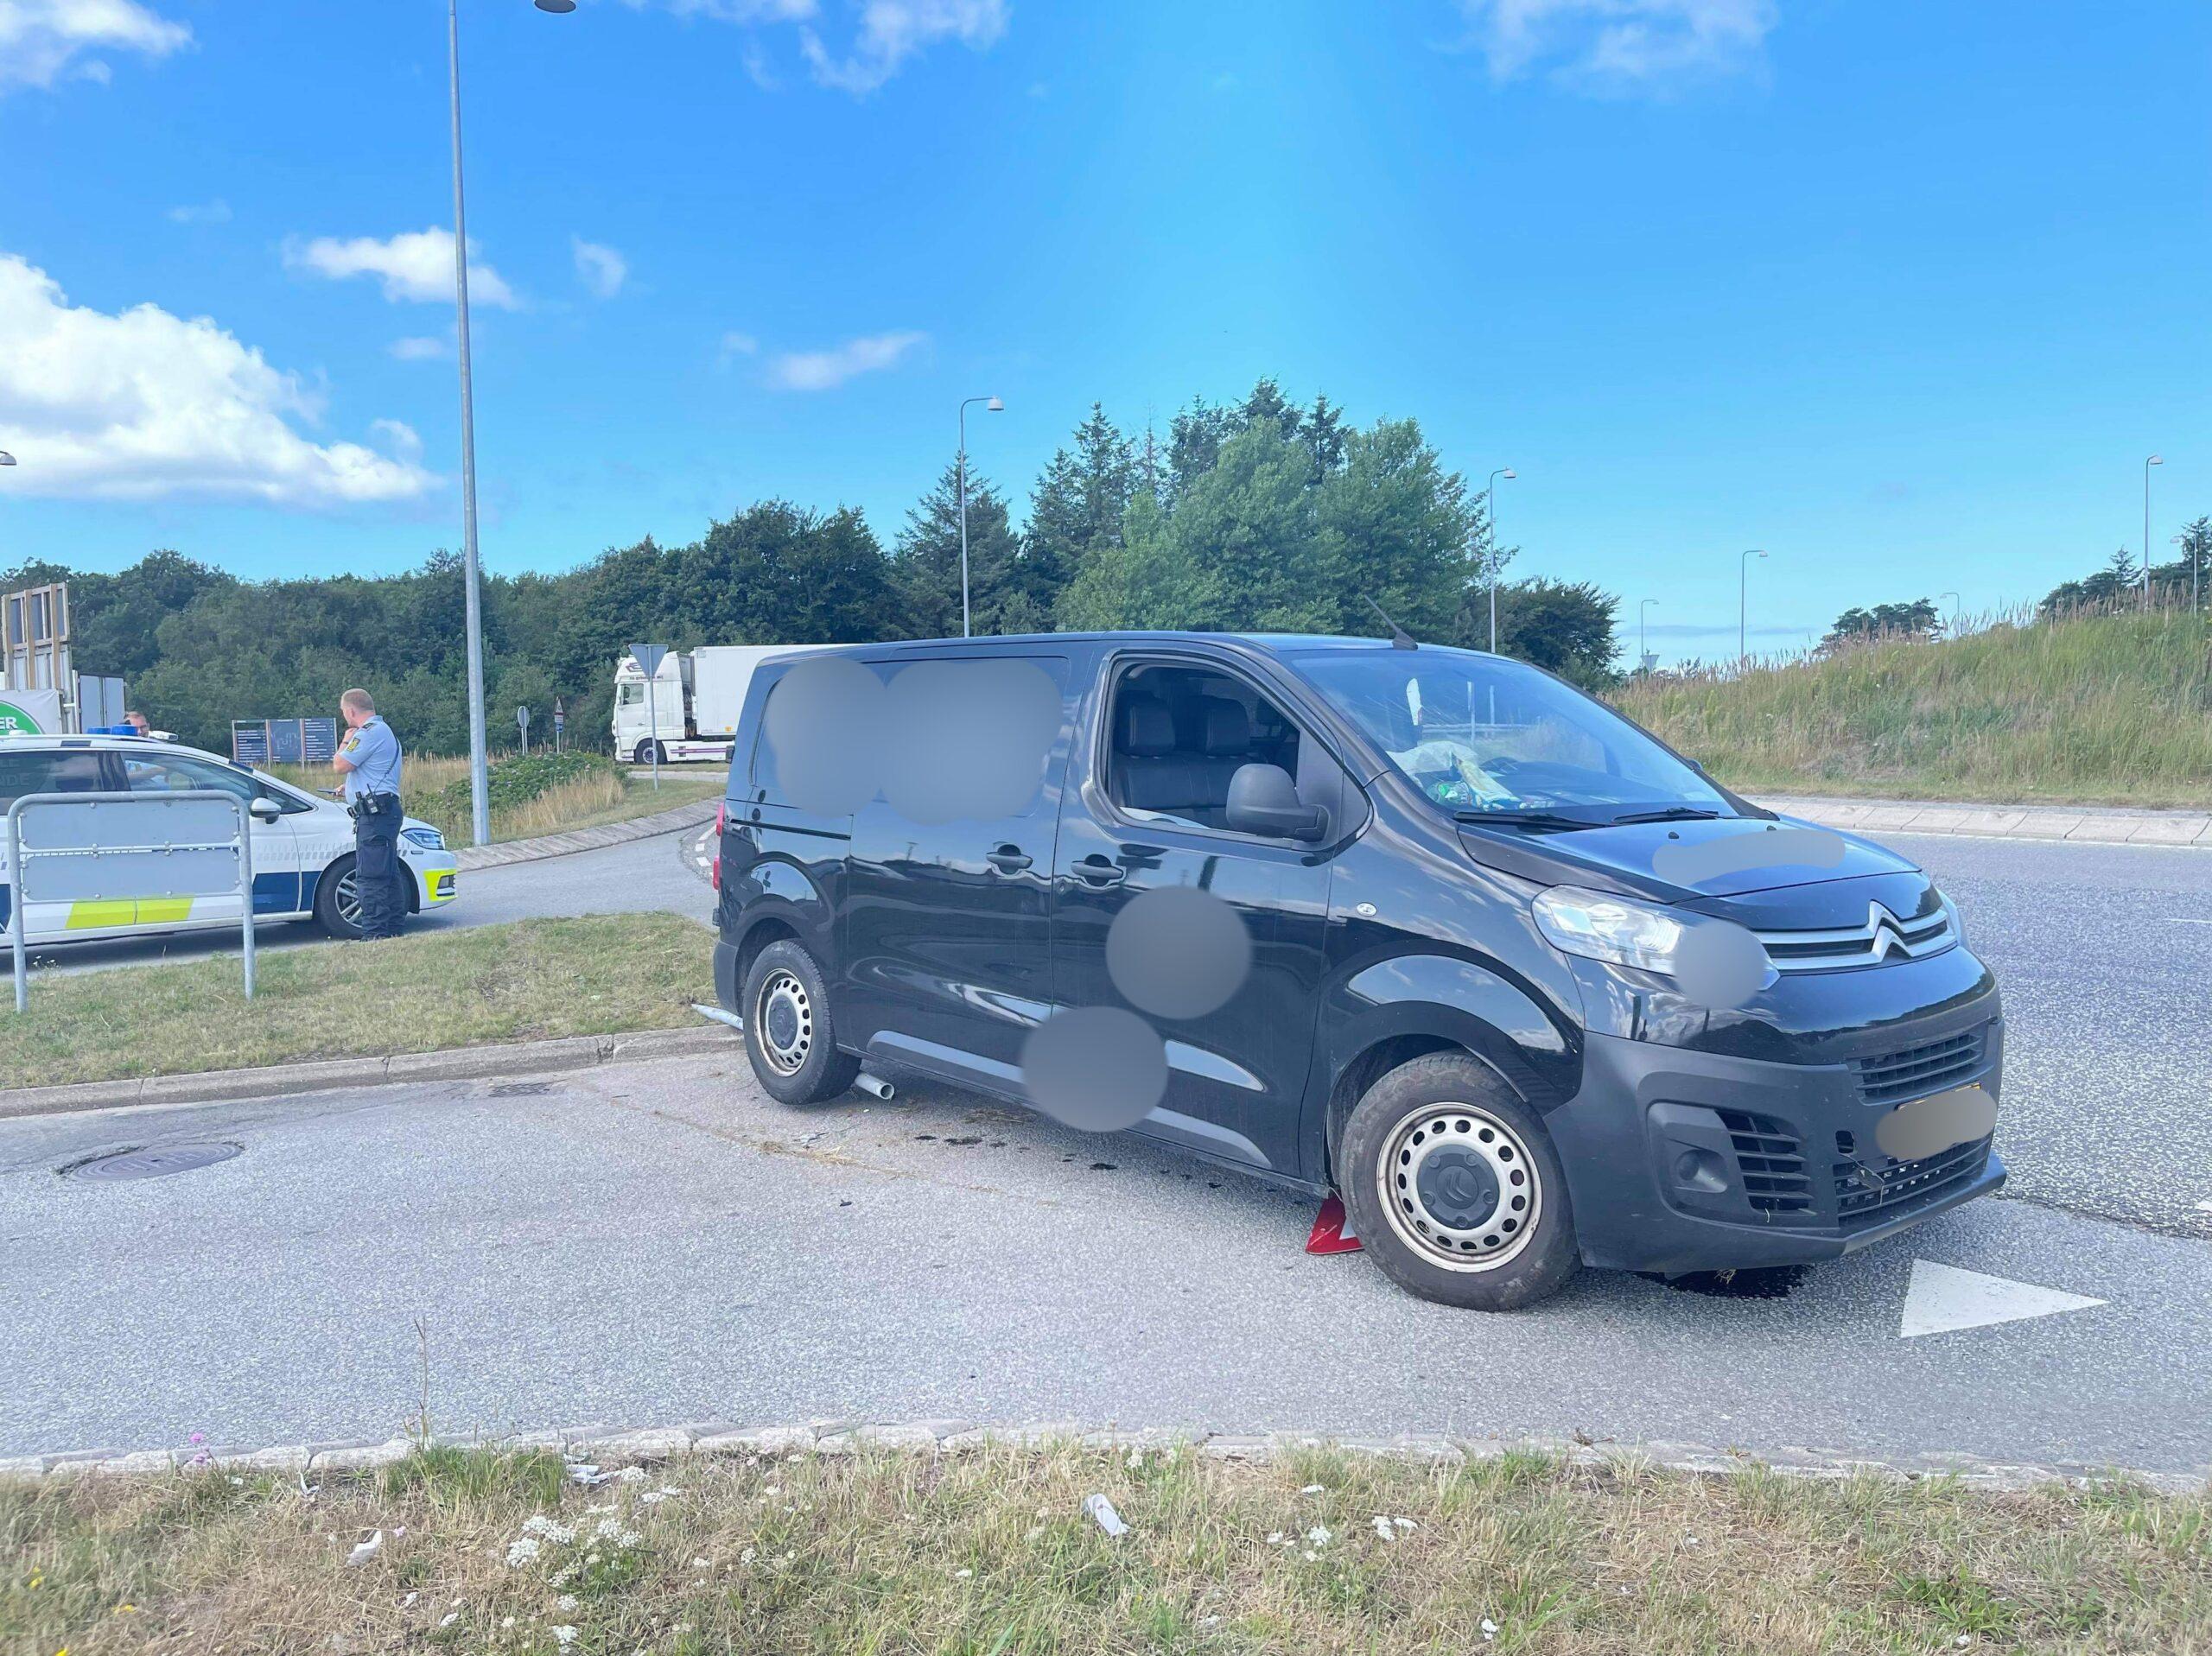 Fører anholdt efter ulykke med varevogn  i Hirtshals